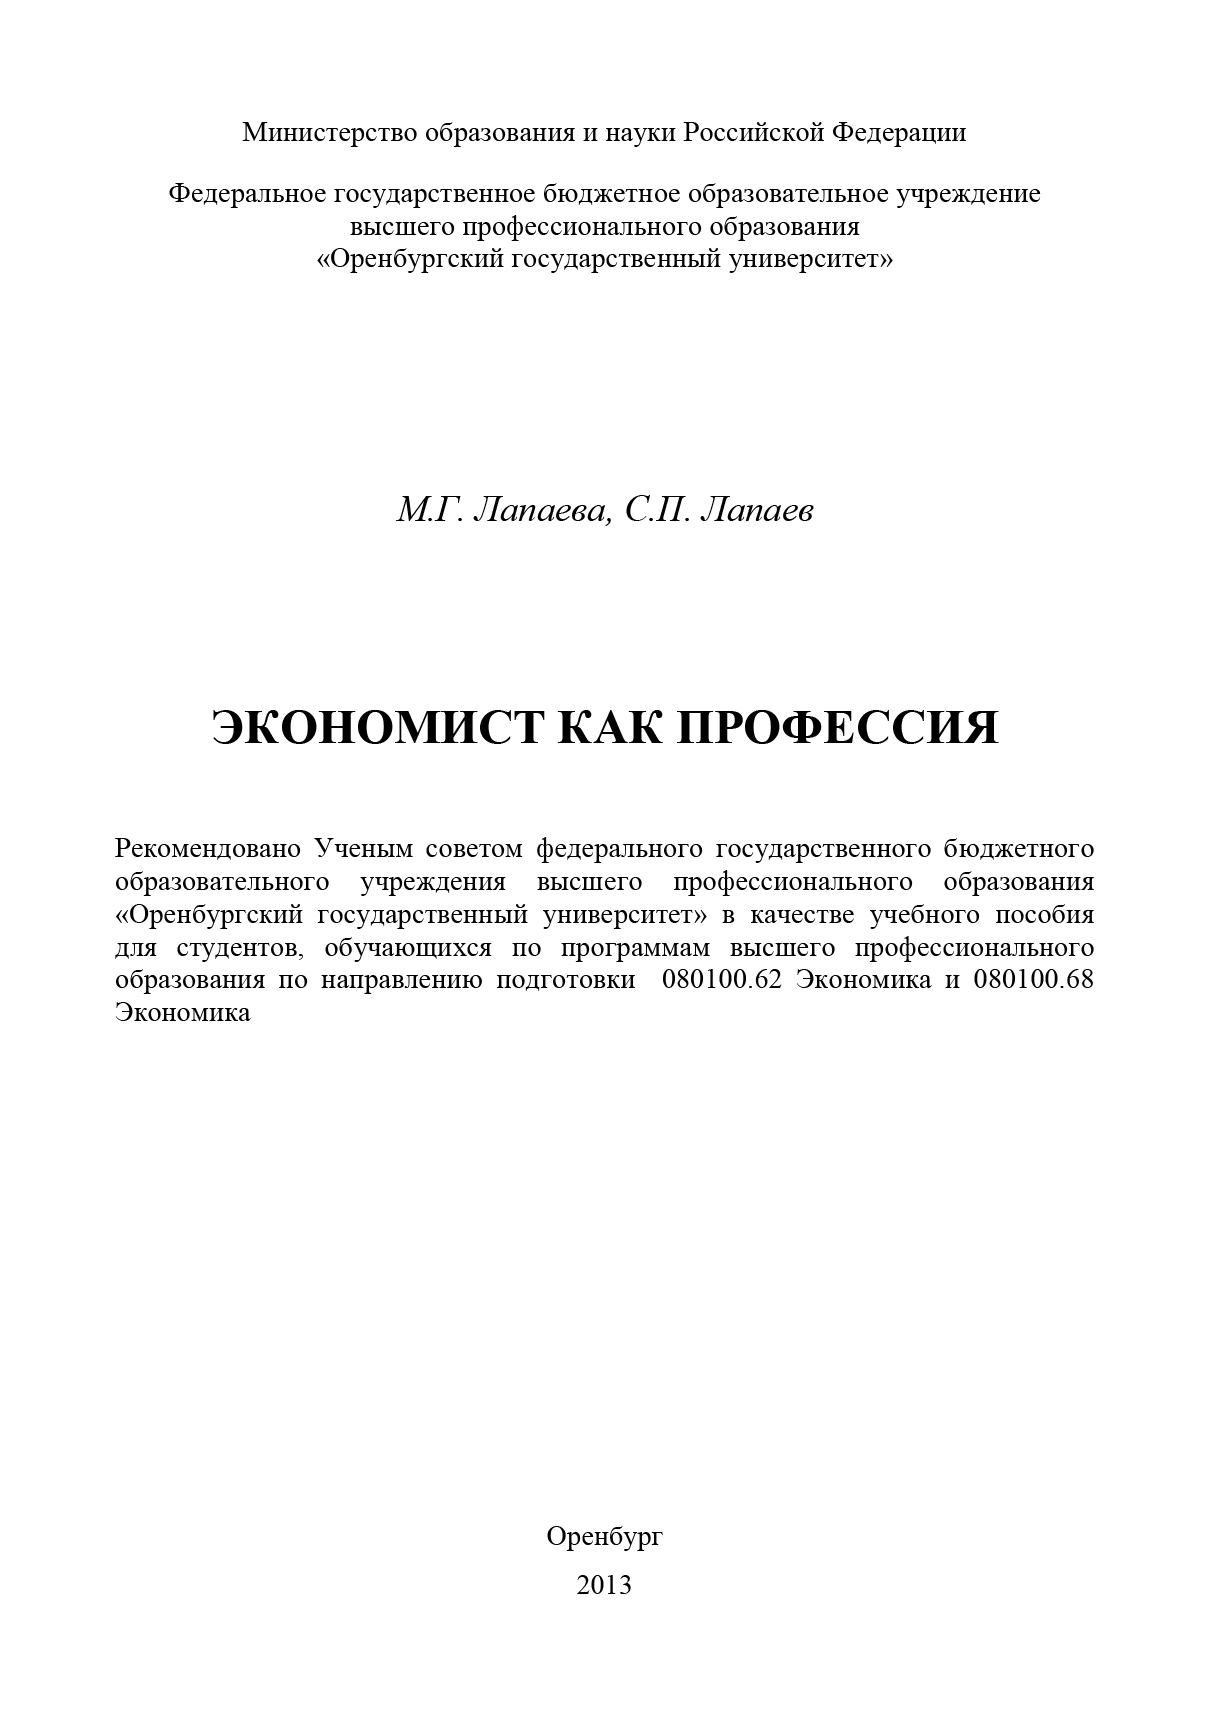 С. П. Лапаев Экономист как профессия с п лапаев актуальные вопросы развития мирового хозяйства